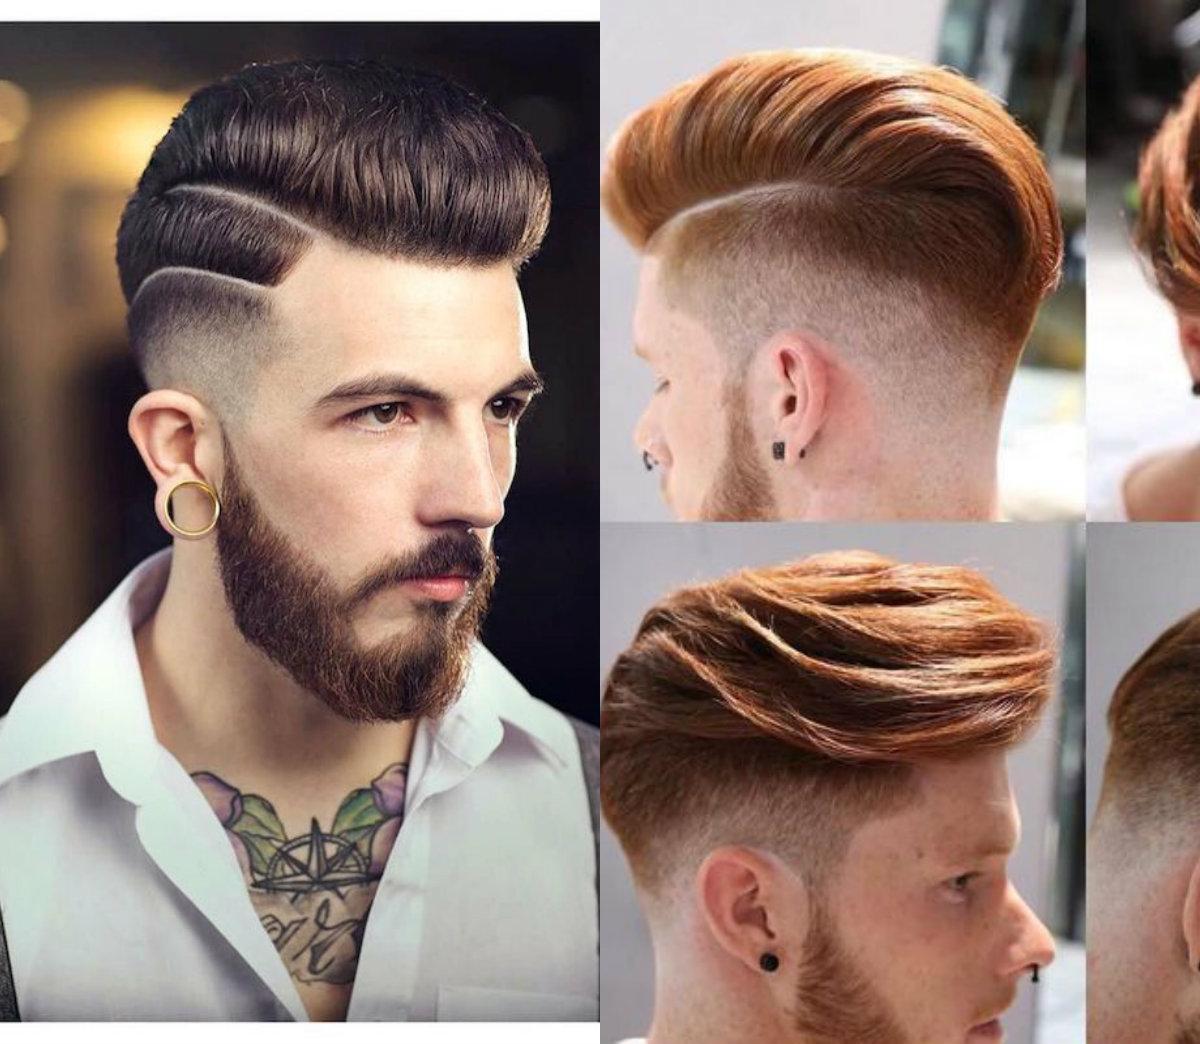 Alguns penteados legais para homens para relaxar neste verão